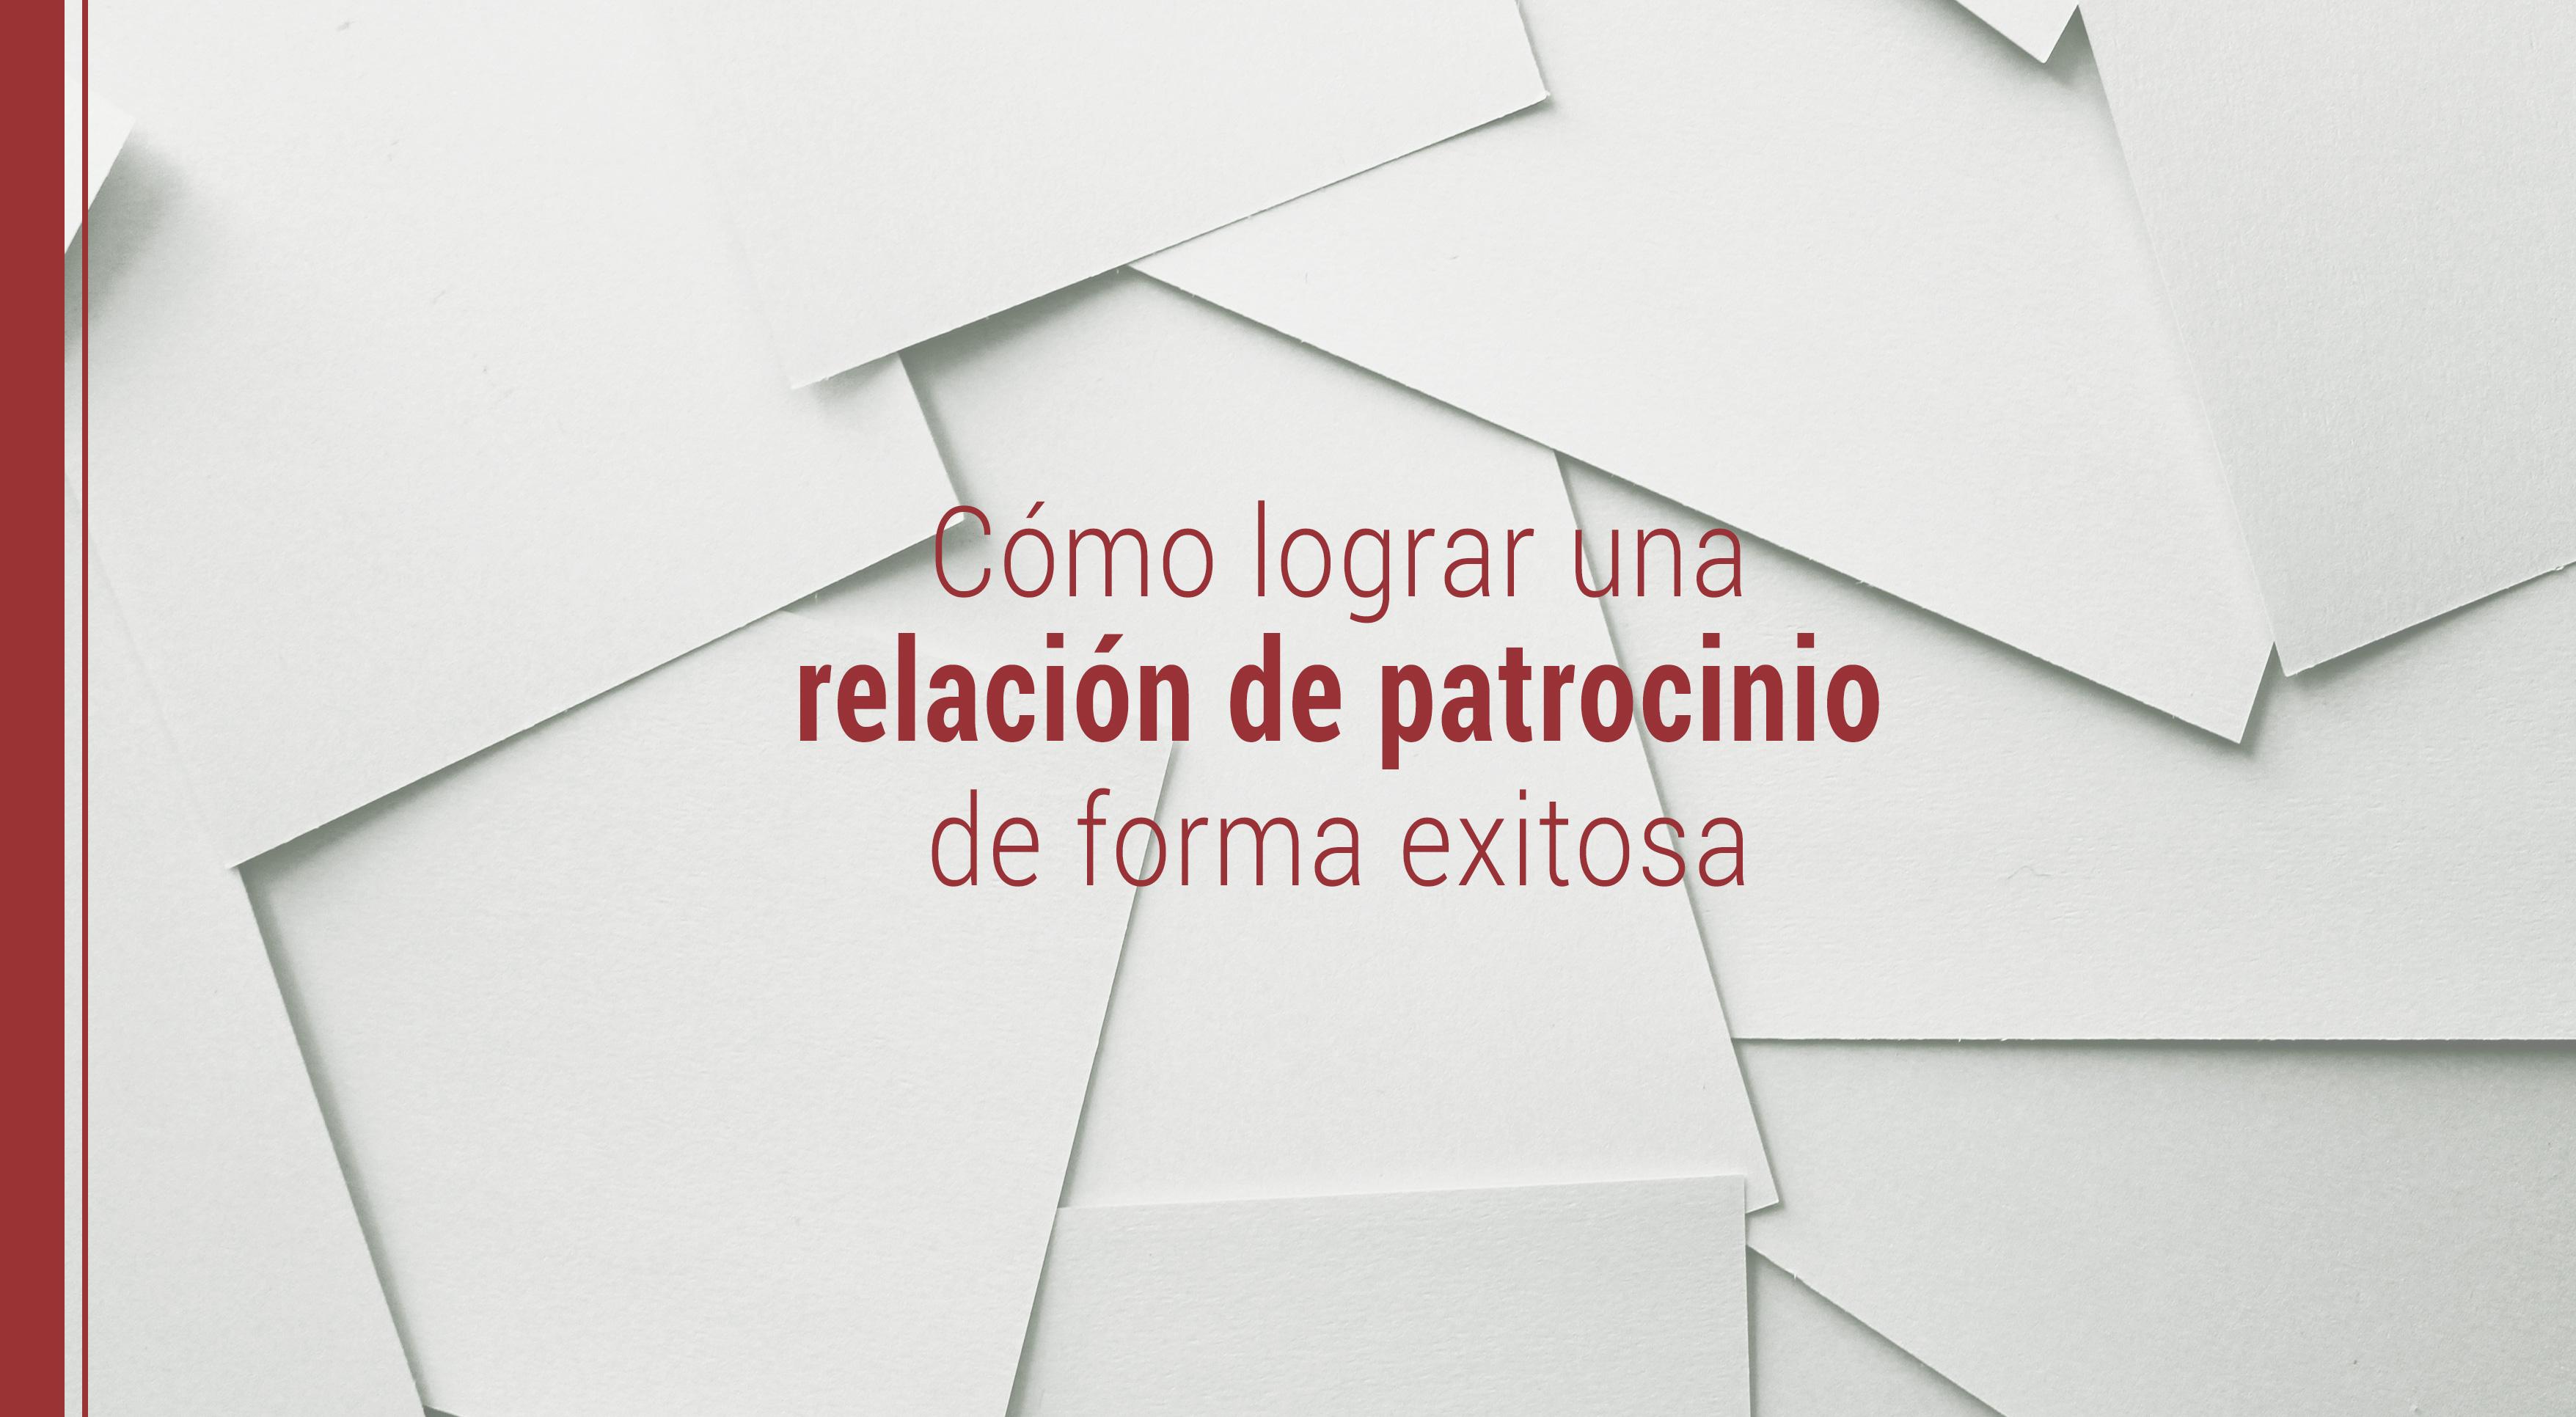 relacion-patrocinio-exitosa Cómo lograr una relación de patrocinio de forma exitosa